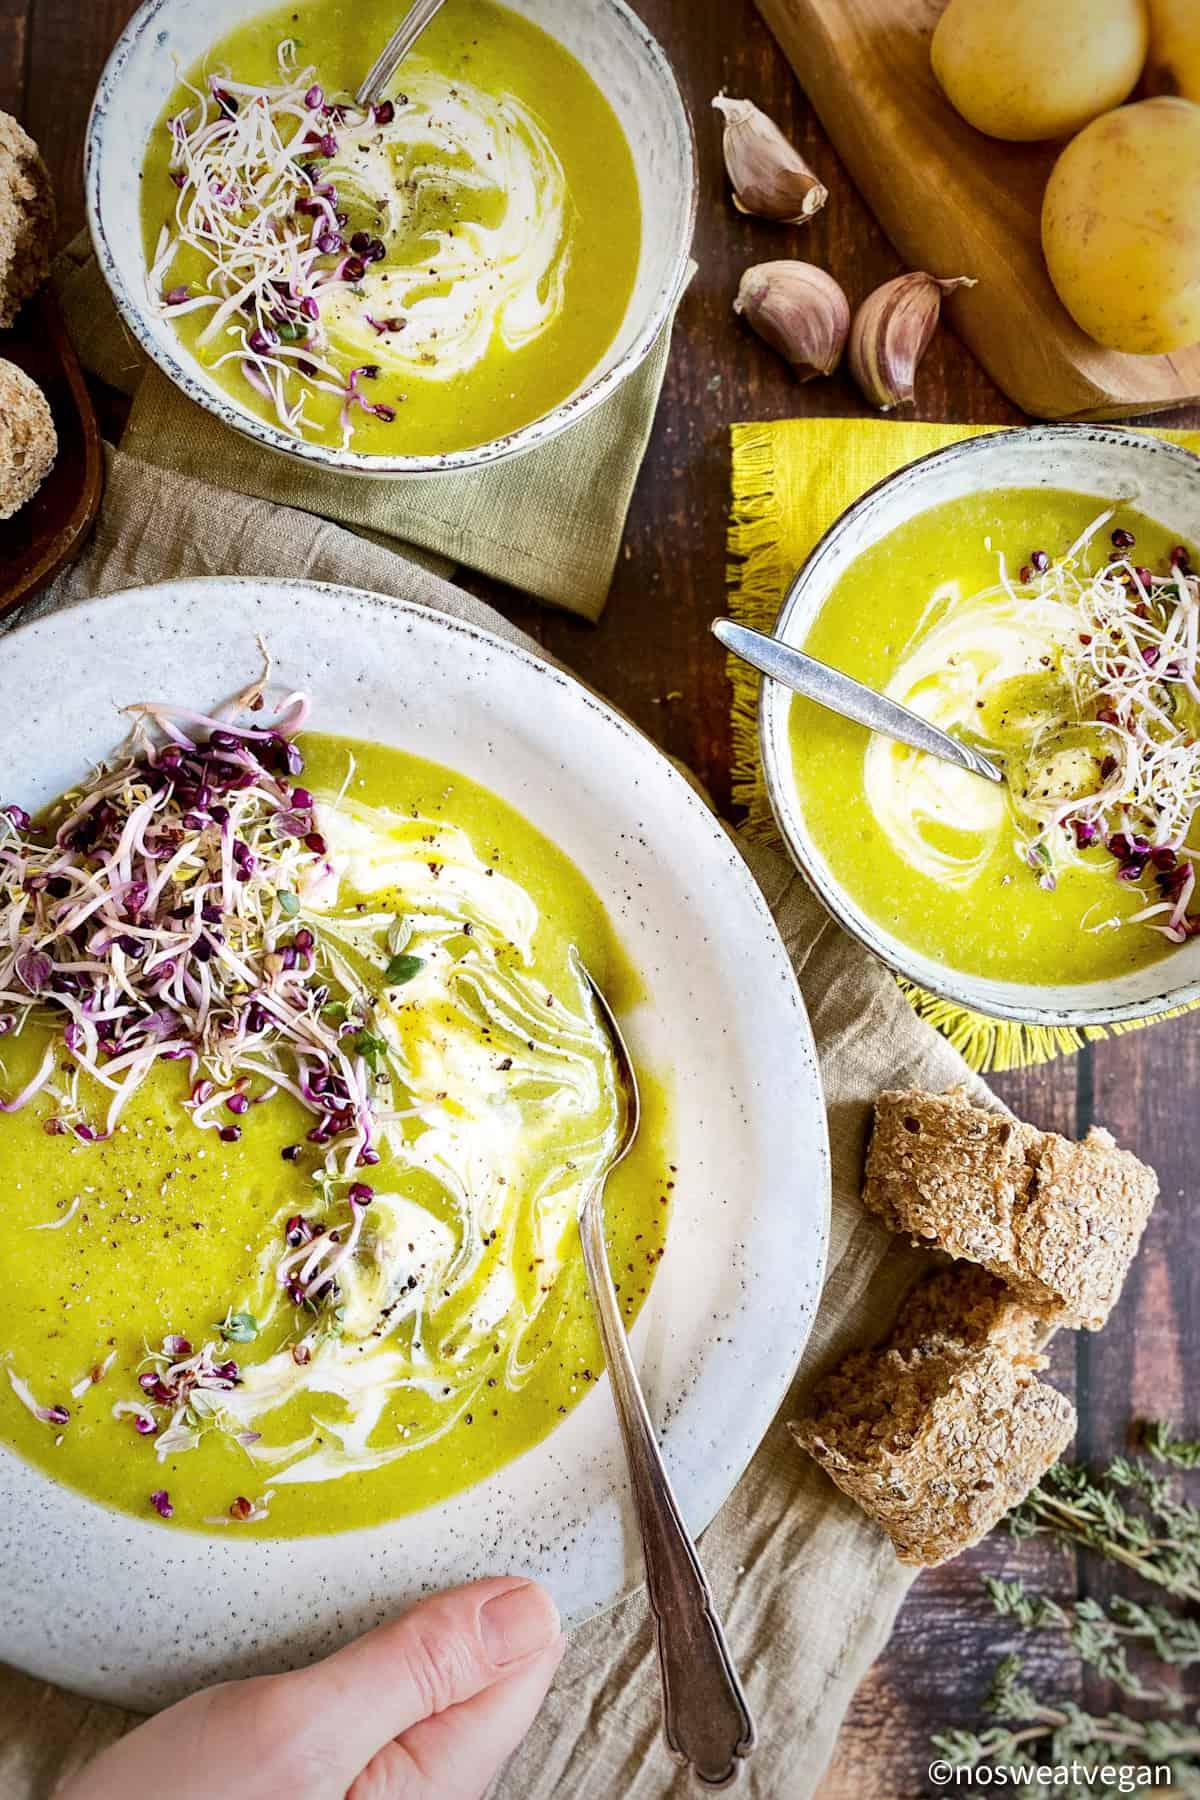 Potato leek soup in 3 bowls.